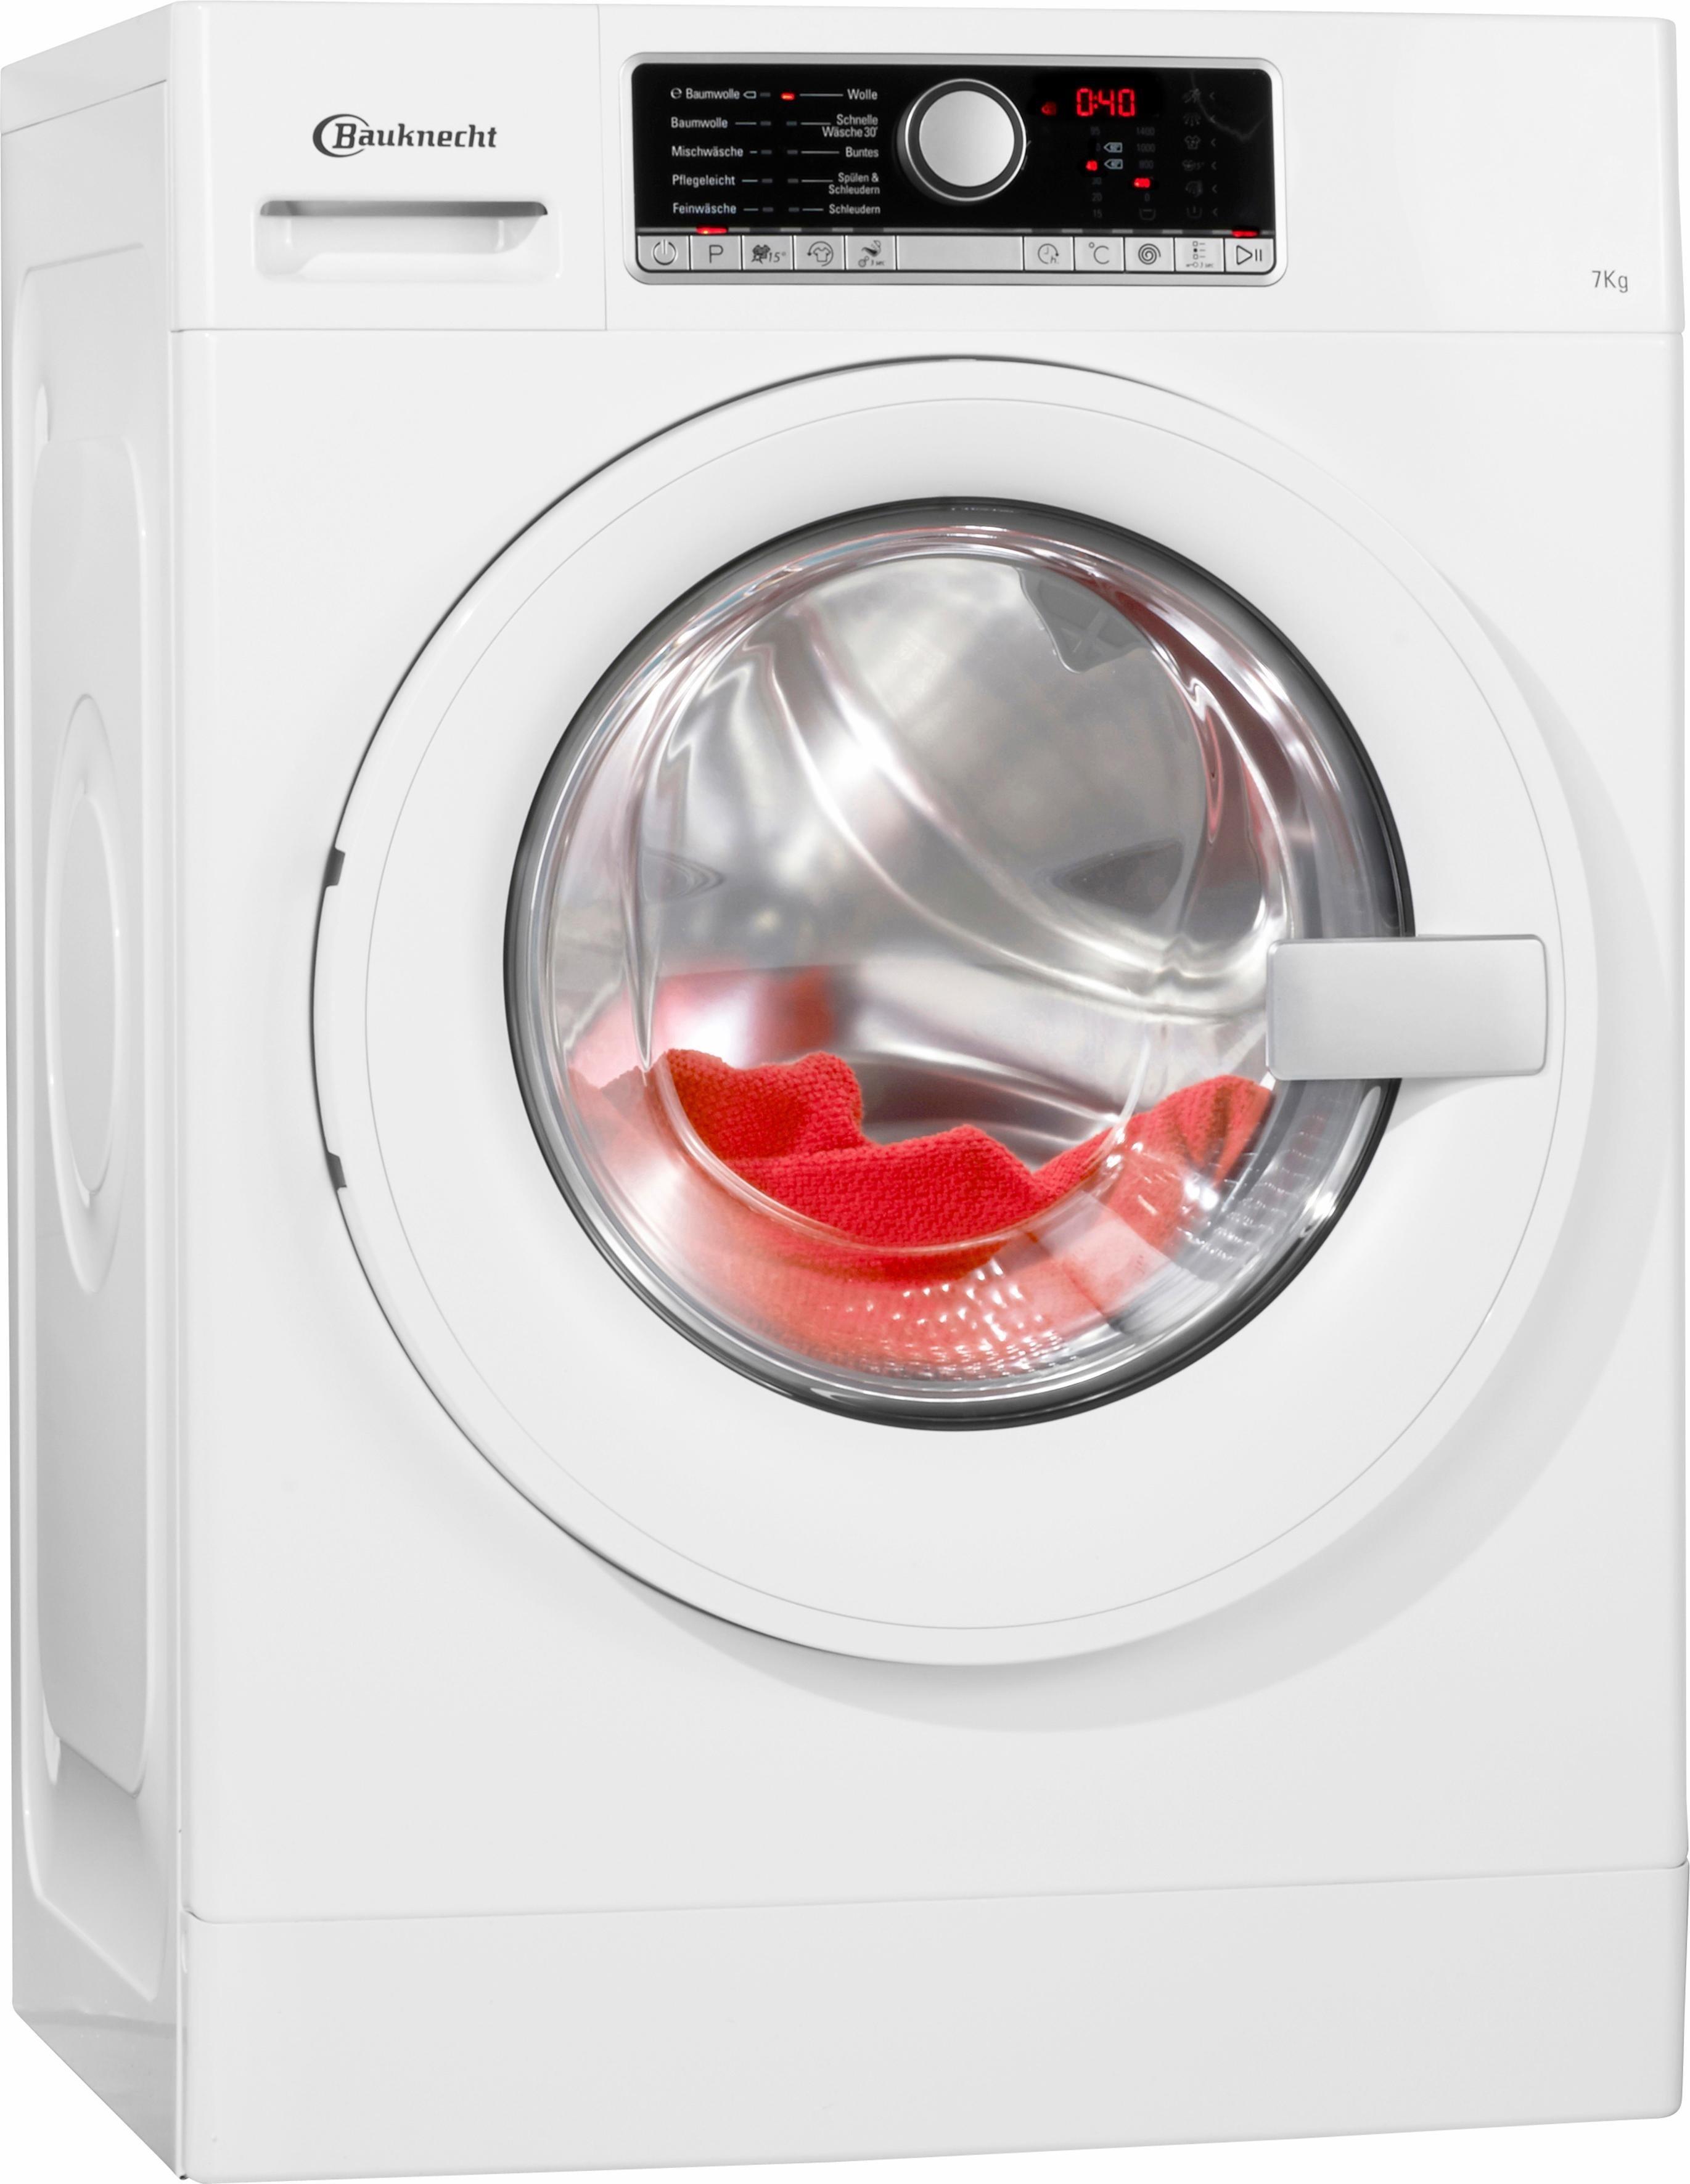 BAUKNECHT Waschmaschine WA Prime 754 PM, A+++, 7 kg, 1400 U/Min